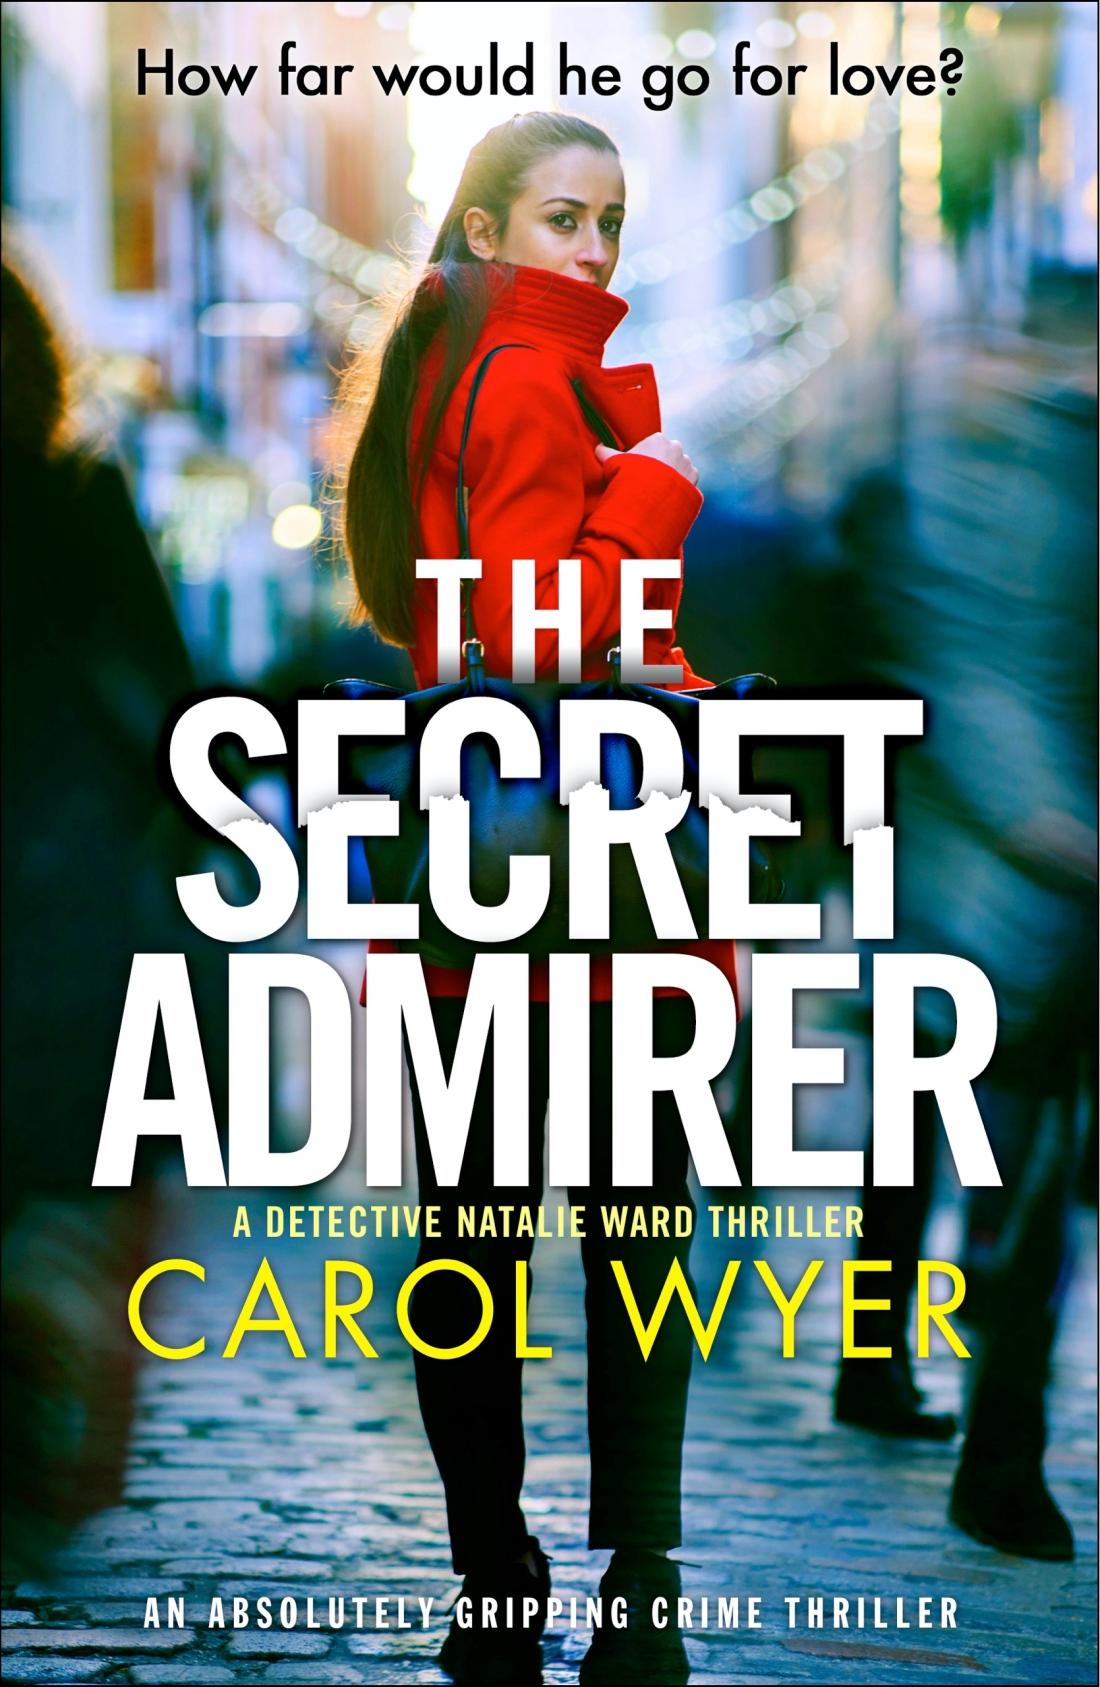 The-Secret-Admirer-Kindle